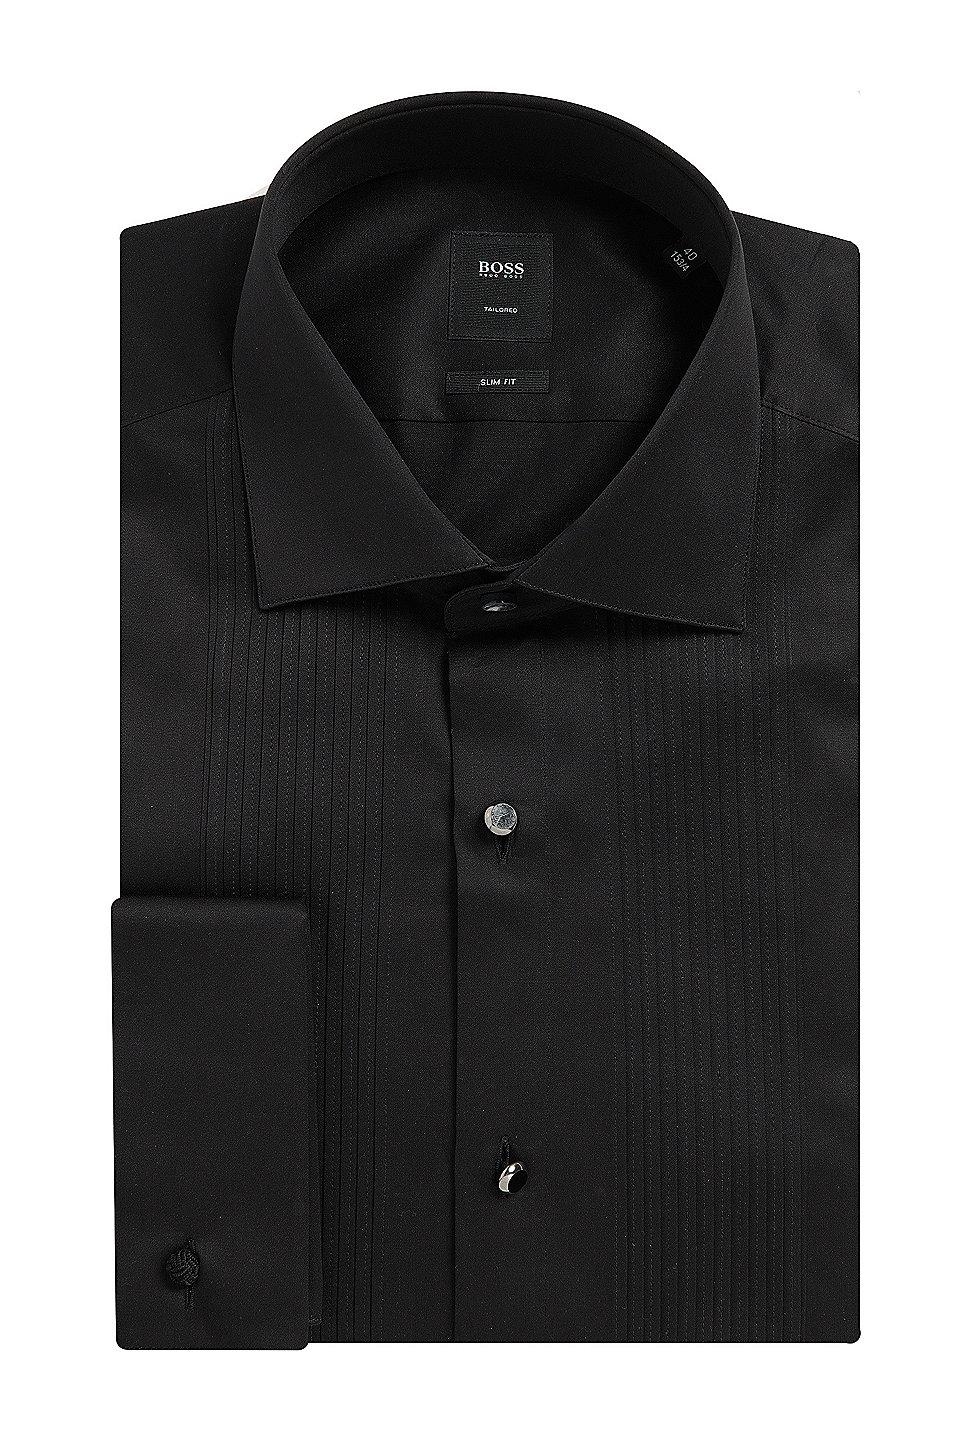 Boss Egyptian Cotton French Cuff Dress Shirt Slim Fit